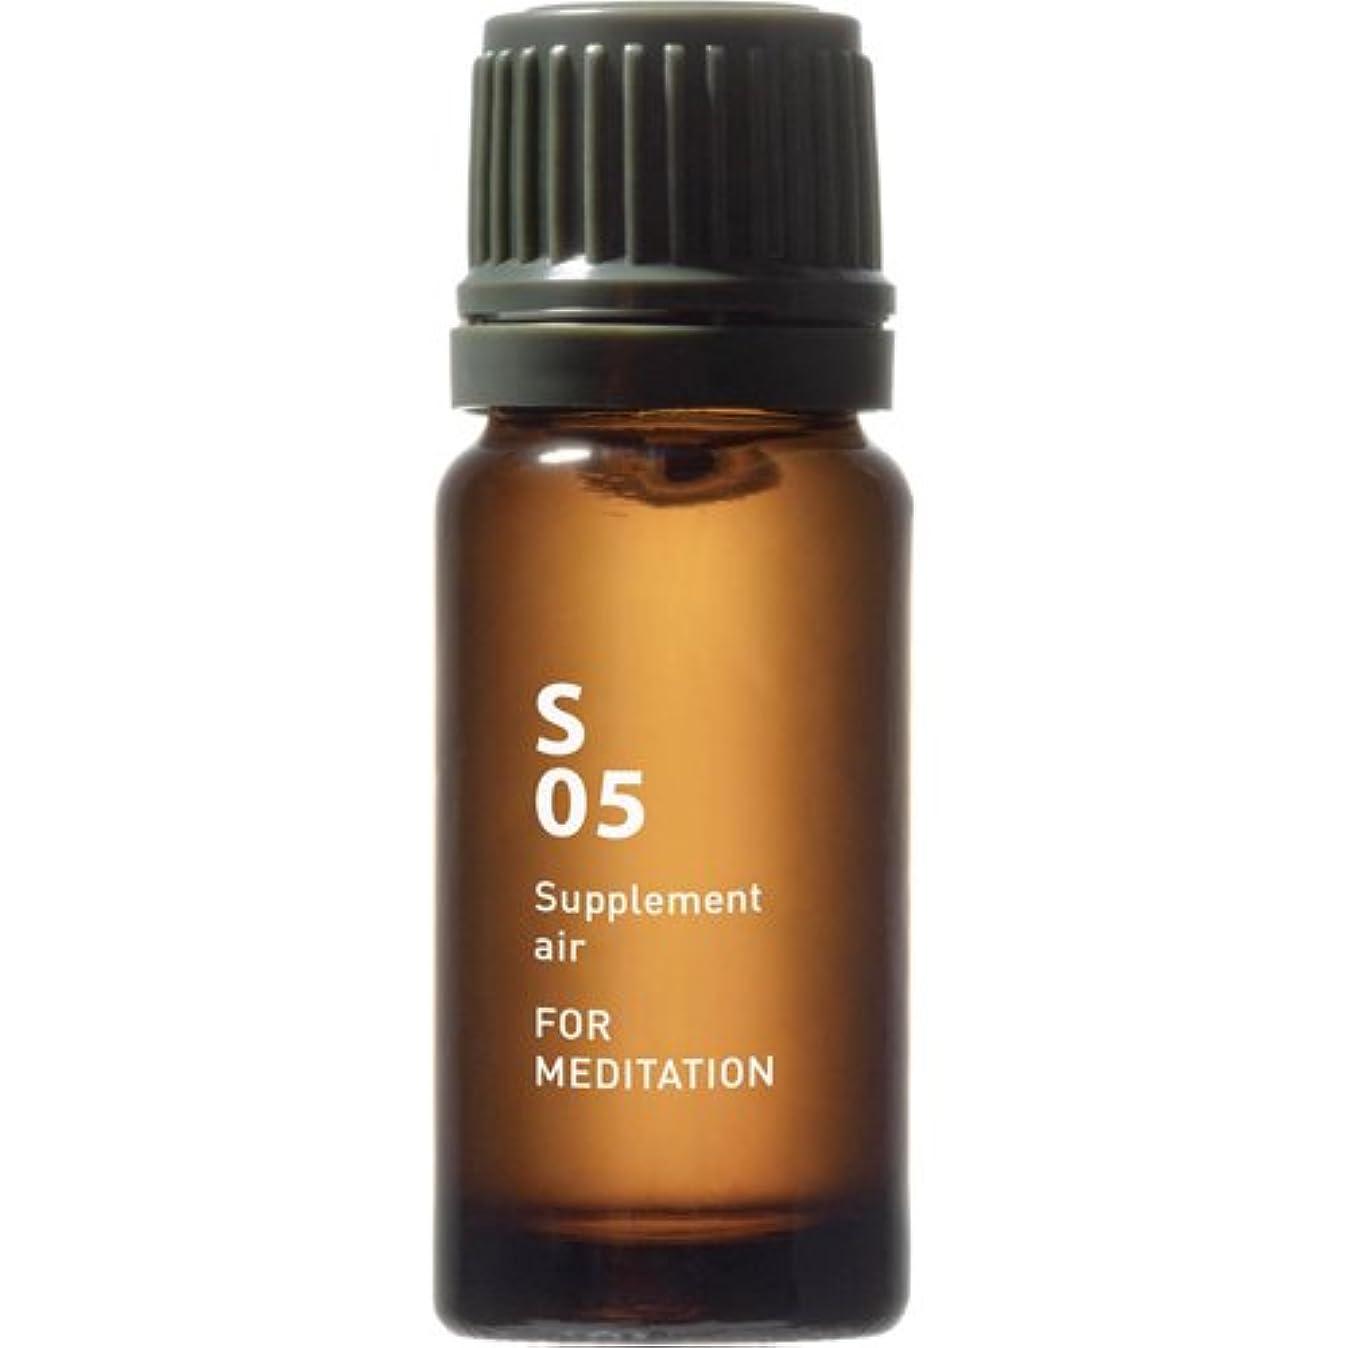 描写熟したびっくりしたS05 FOR MEDITATION Supplement air 10ml